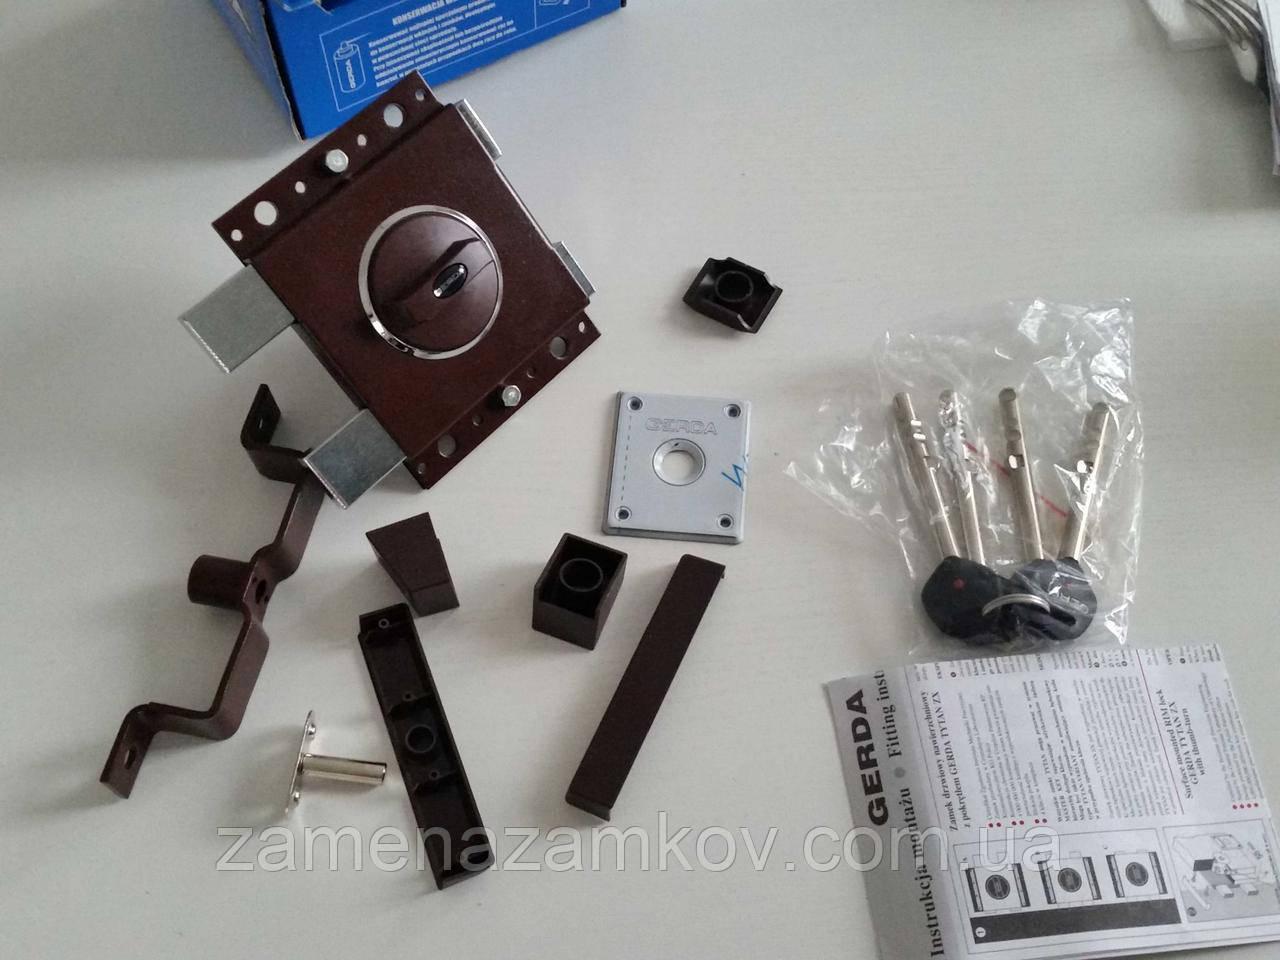 Замок накладной Gerda Tytan ZX GT8 коричневый длинные ключи (Польша)